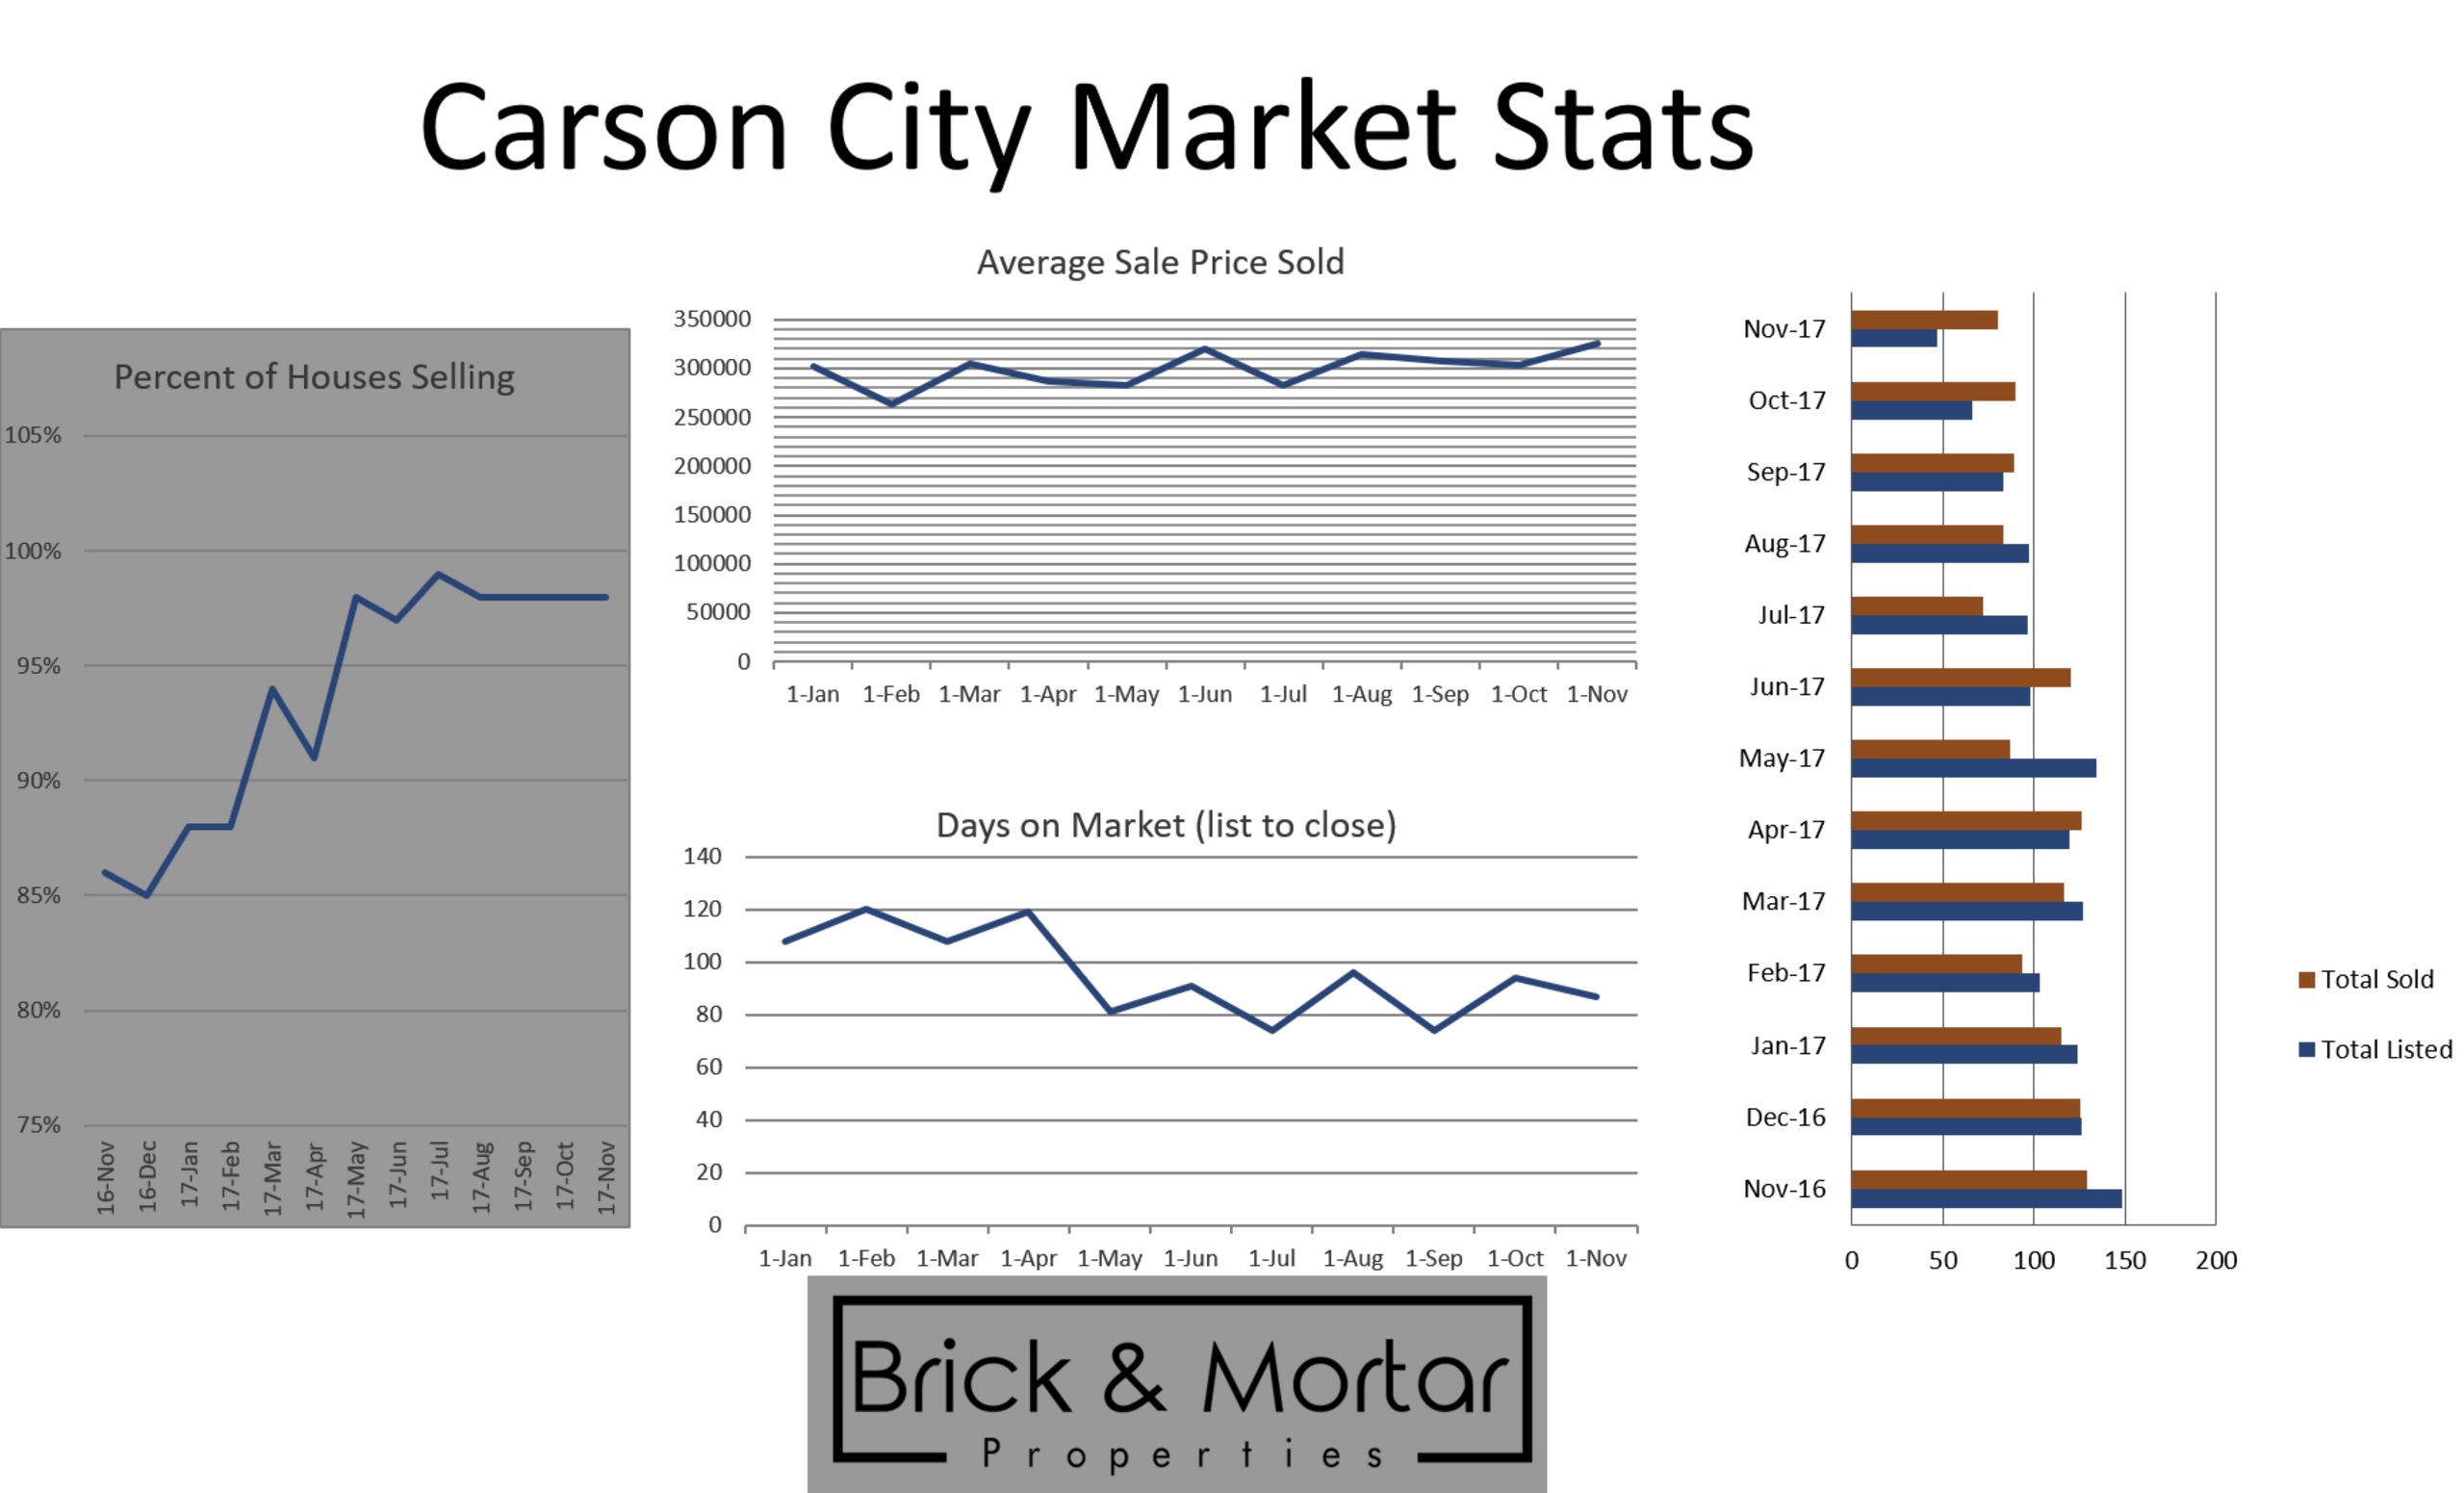 Carson City Market Stats